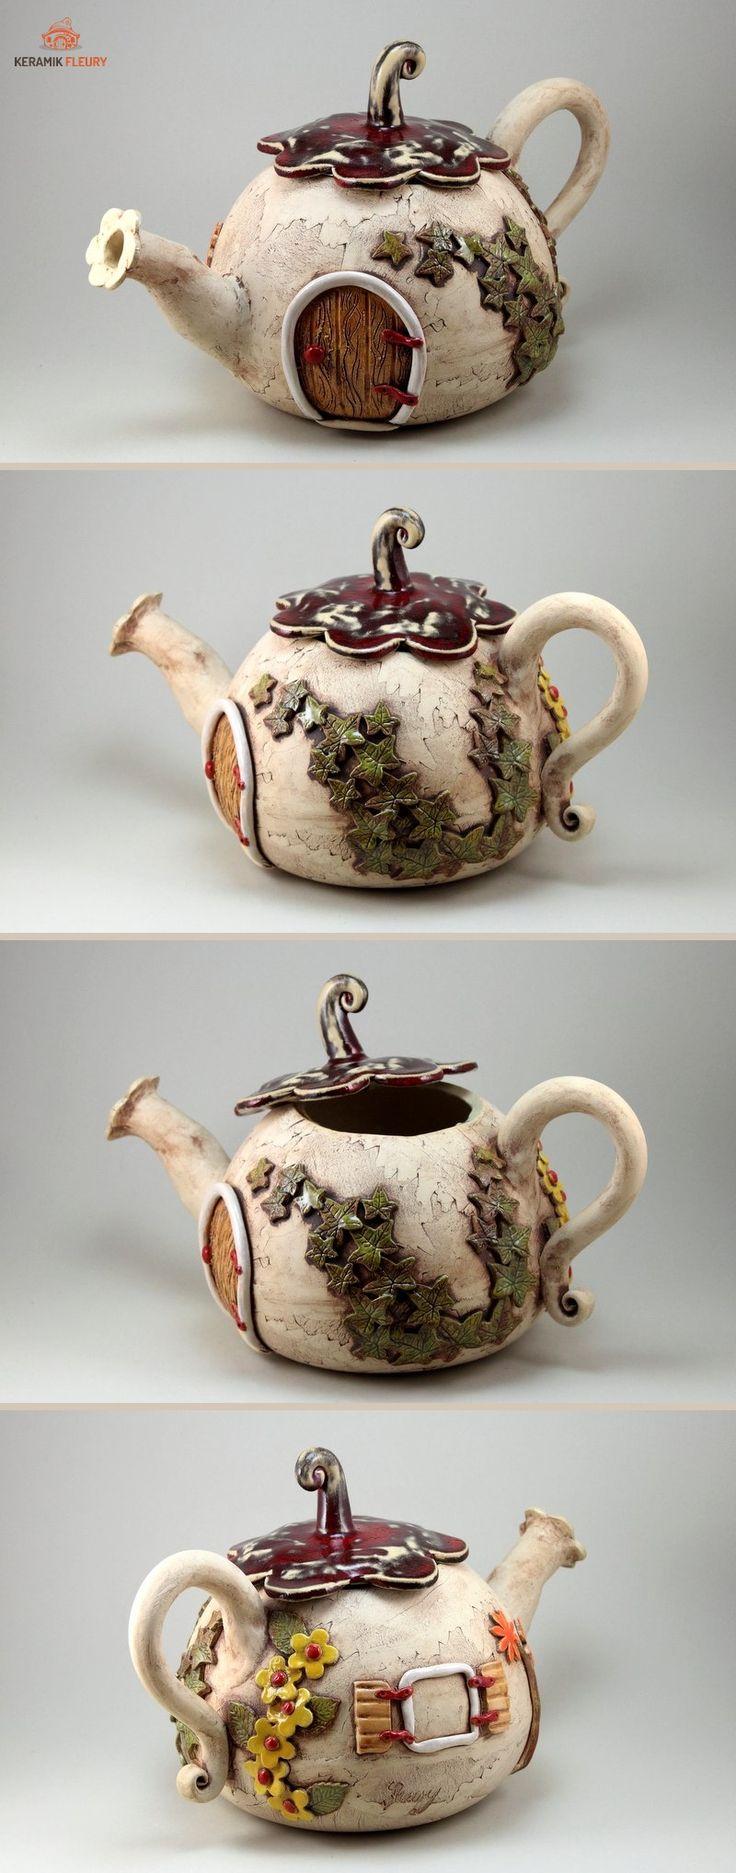 Keramik Teekanne - eine Überraschung für Teetrinker